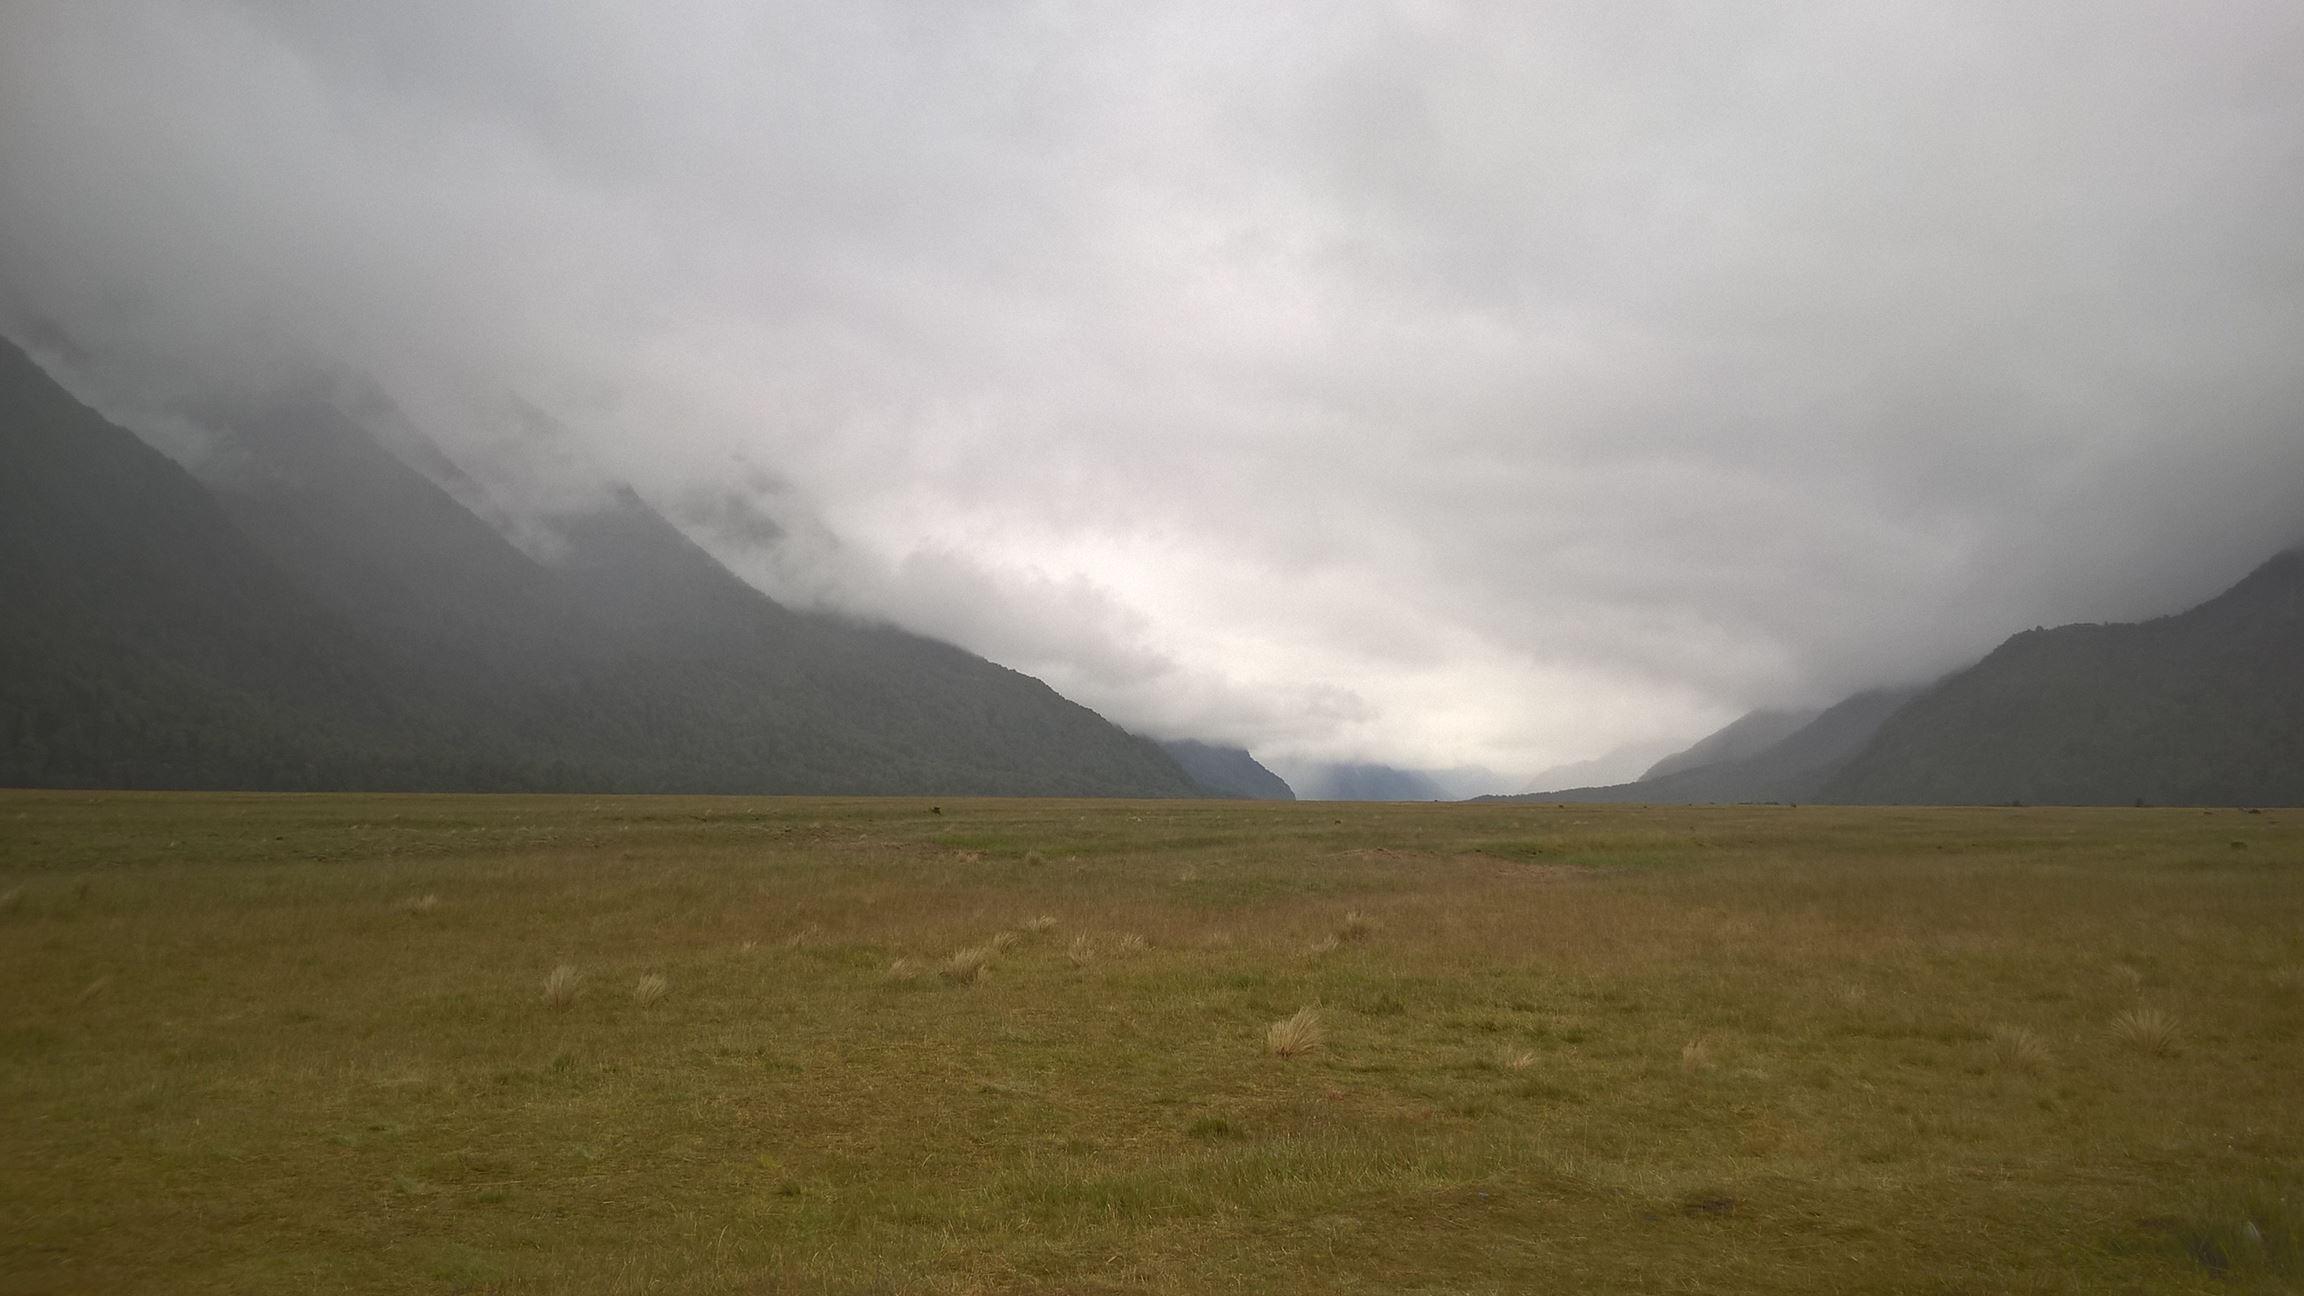 Auf dem Weg nach Milford Sound spielt das Wetter nicht ganz mit